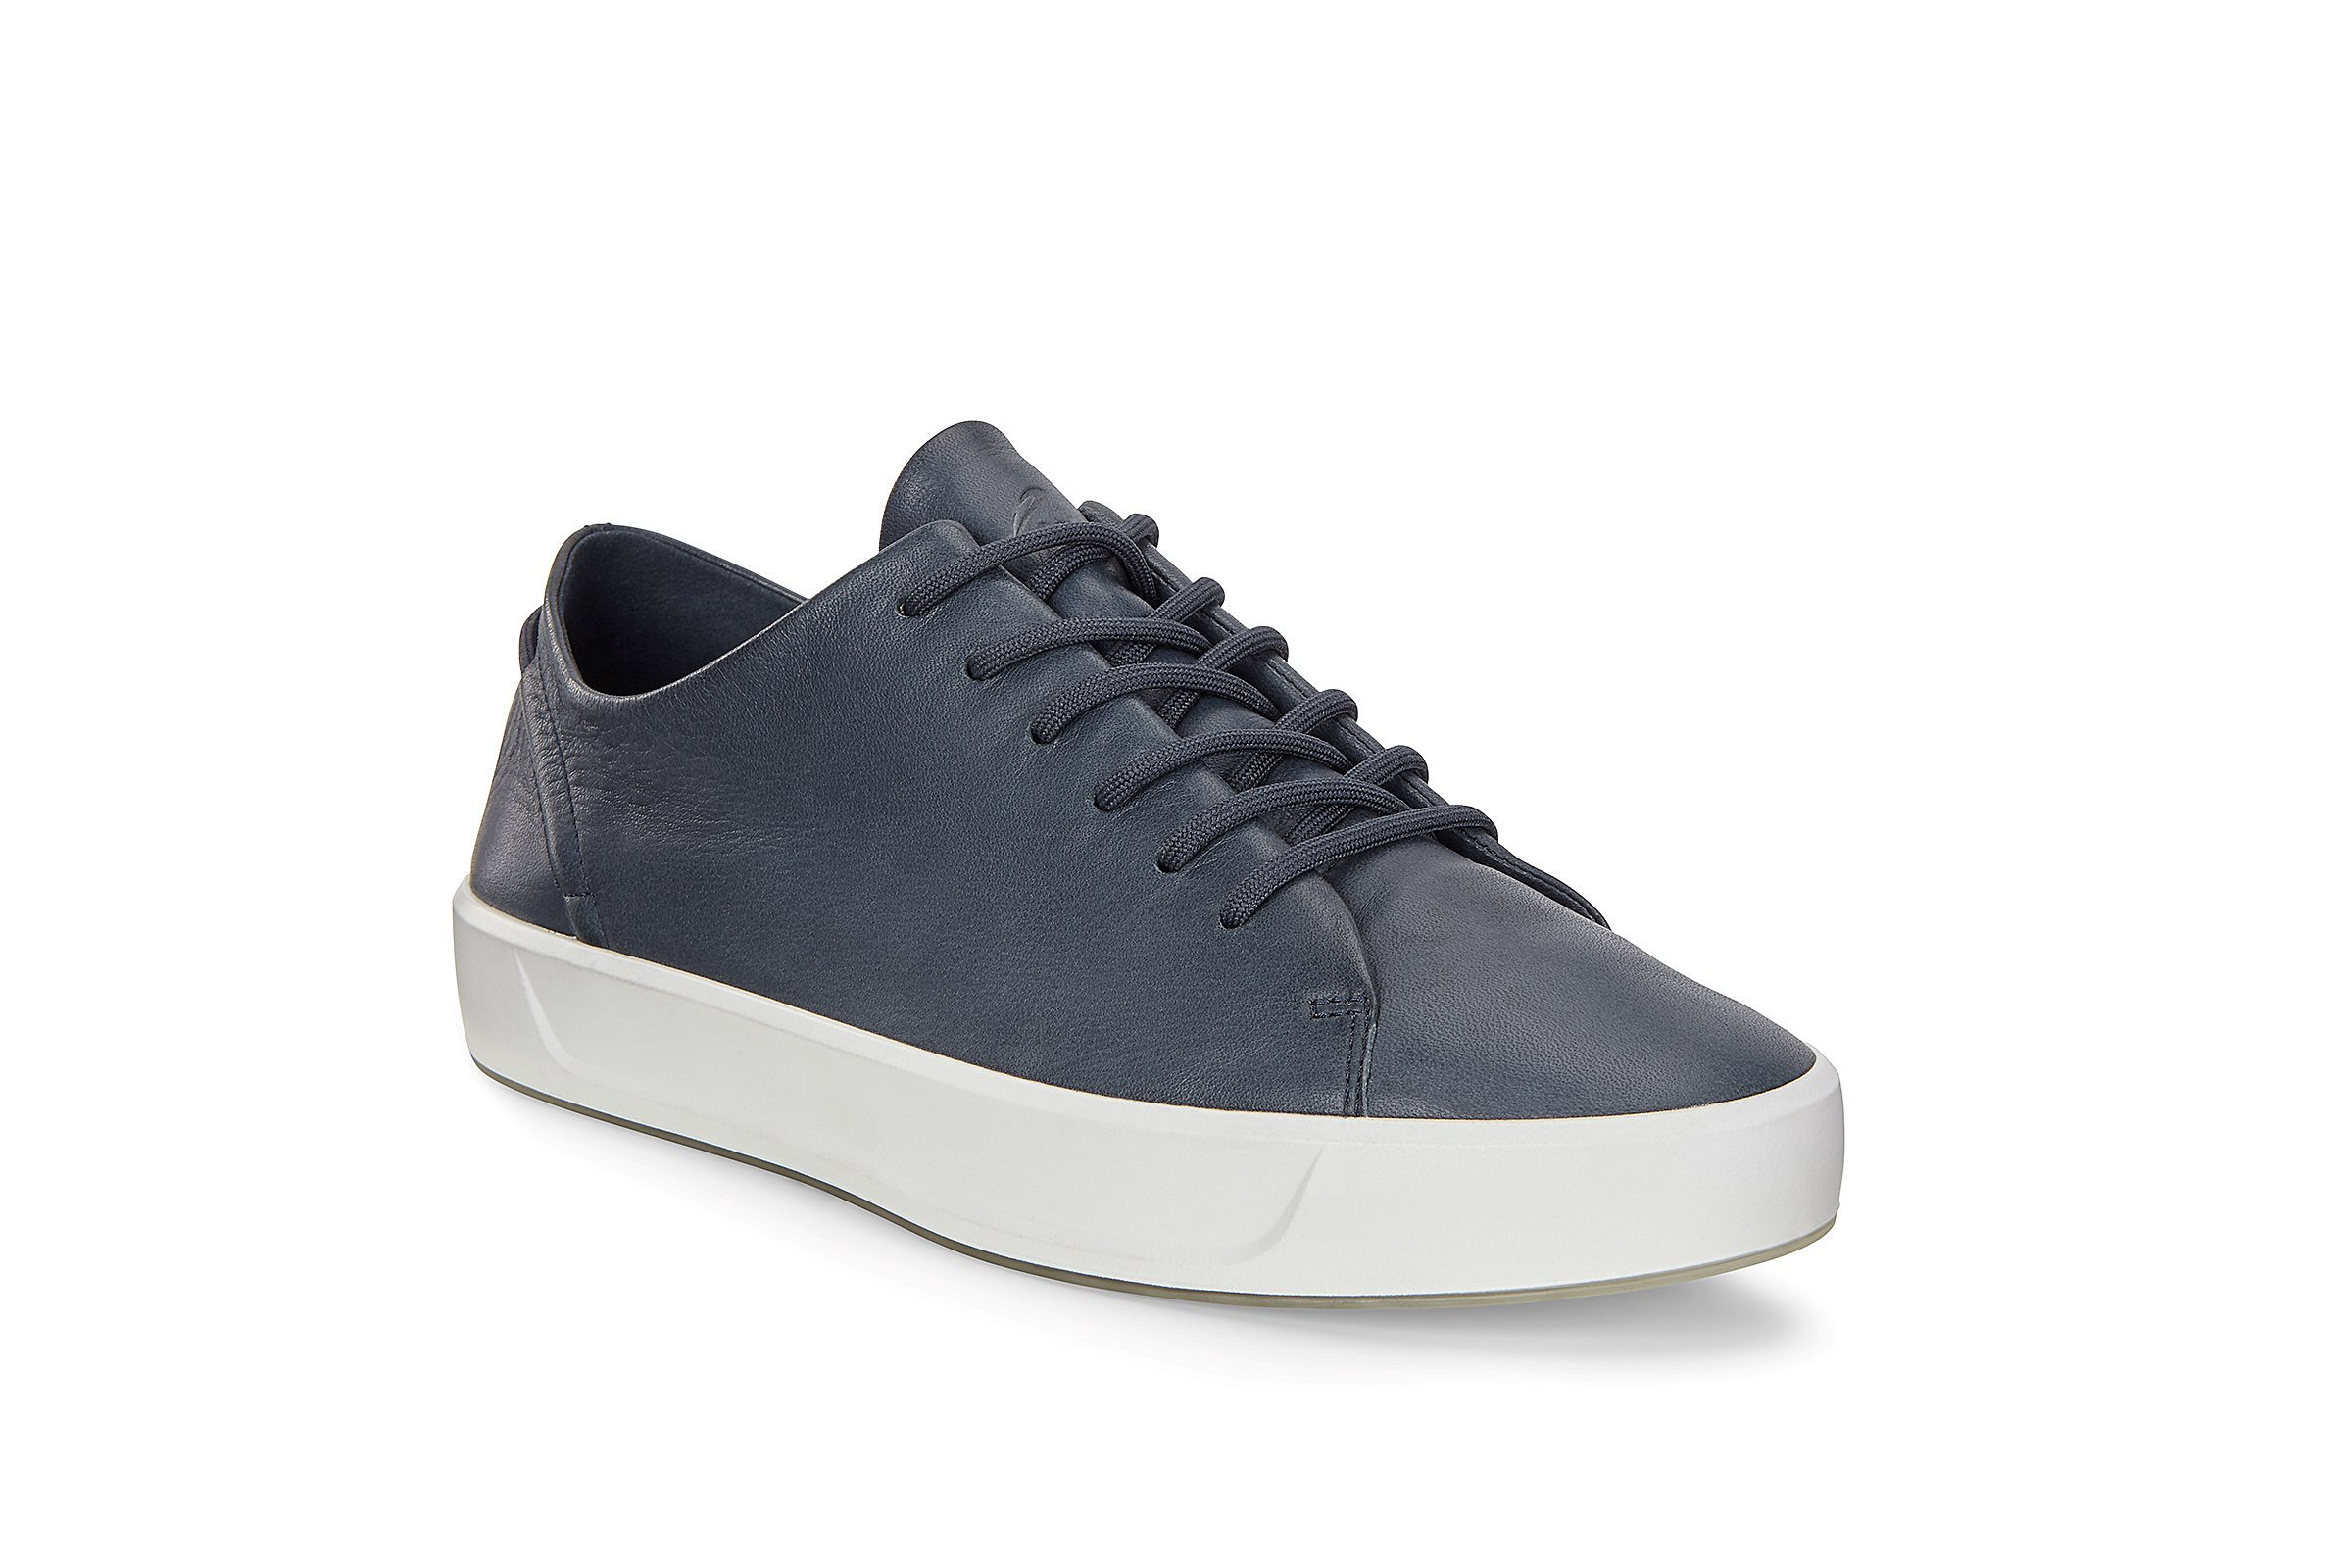 Einkaufen Shop Sneaker Für DamenIm Offiziellen Ecco® Yf7gbyI6vm